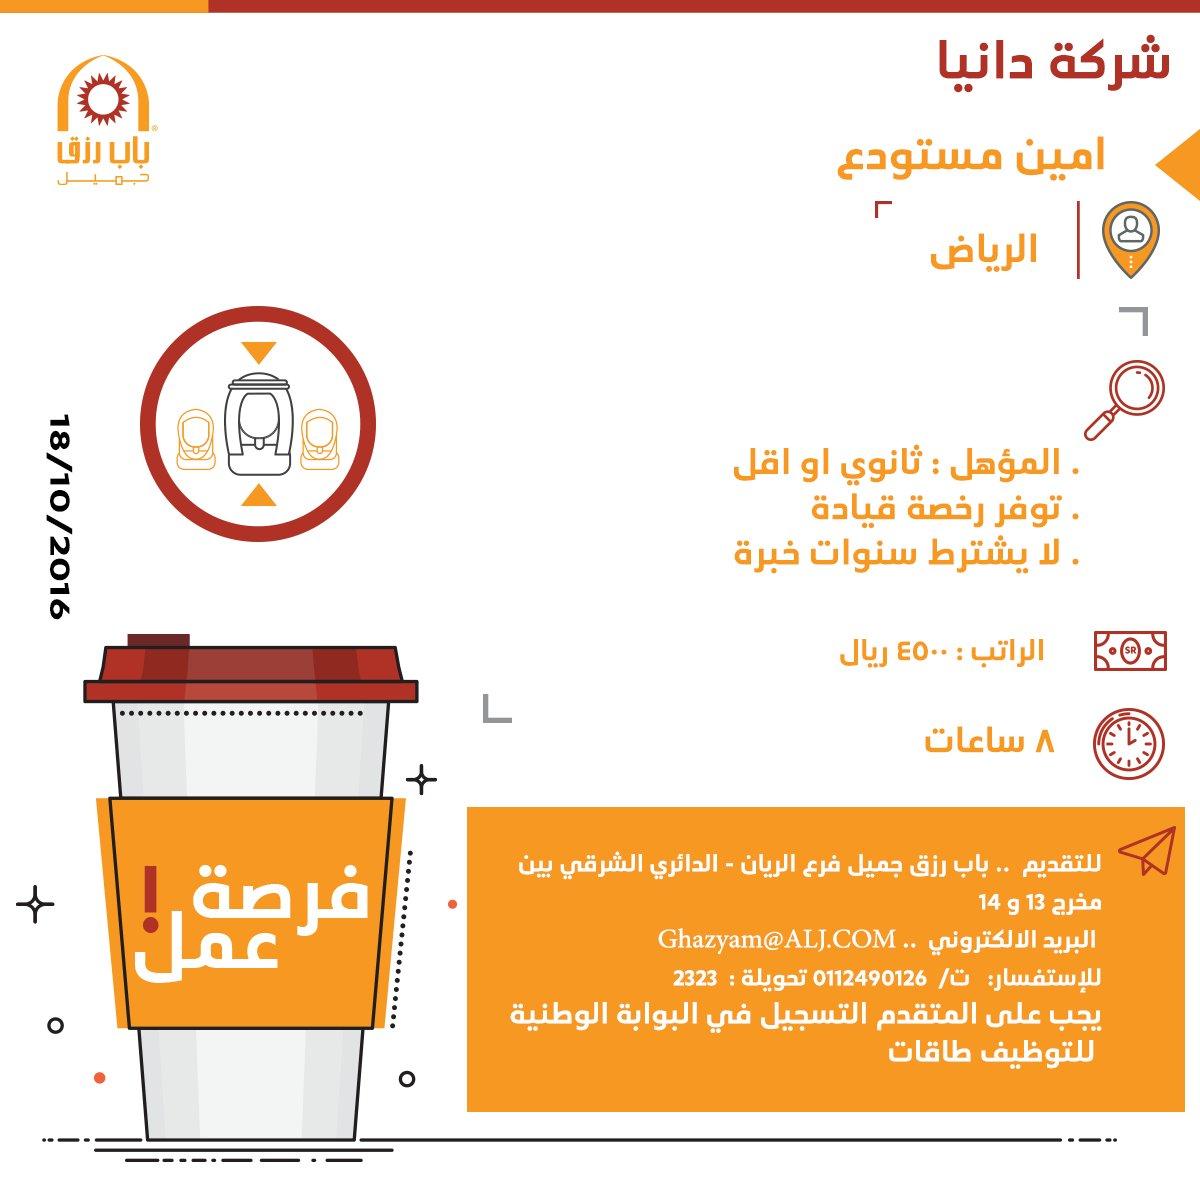 مطلوب أمين مستودع لشركة دانيا - الرياض